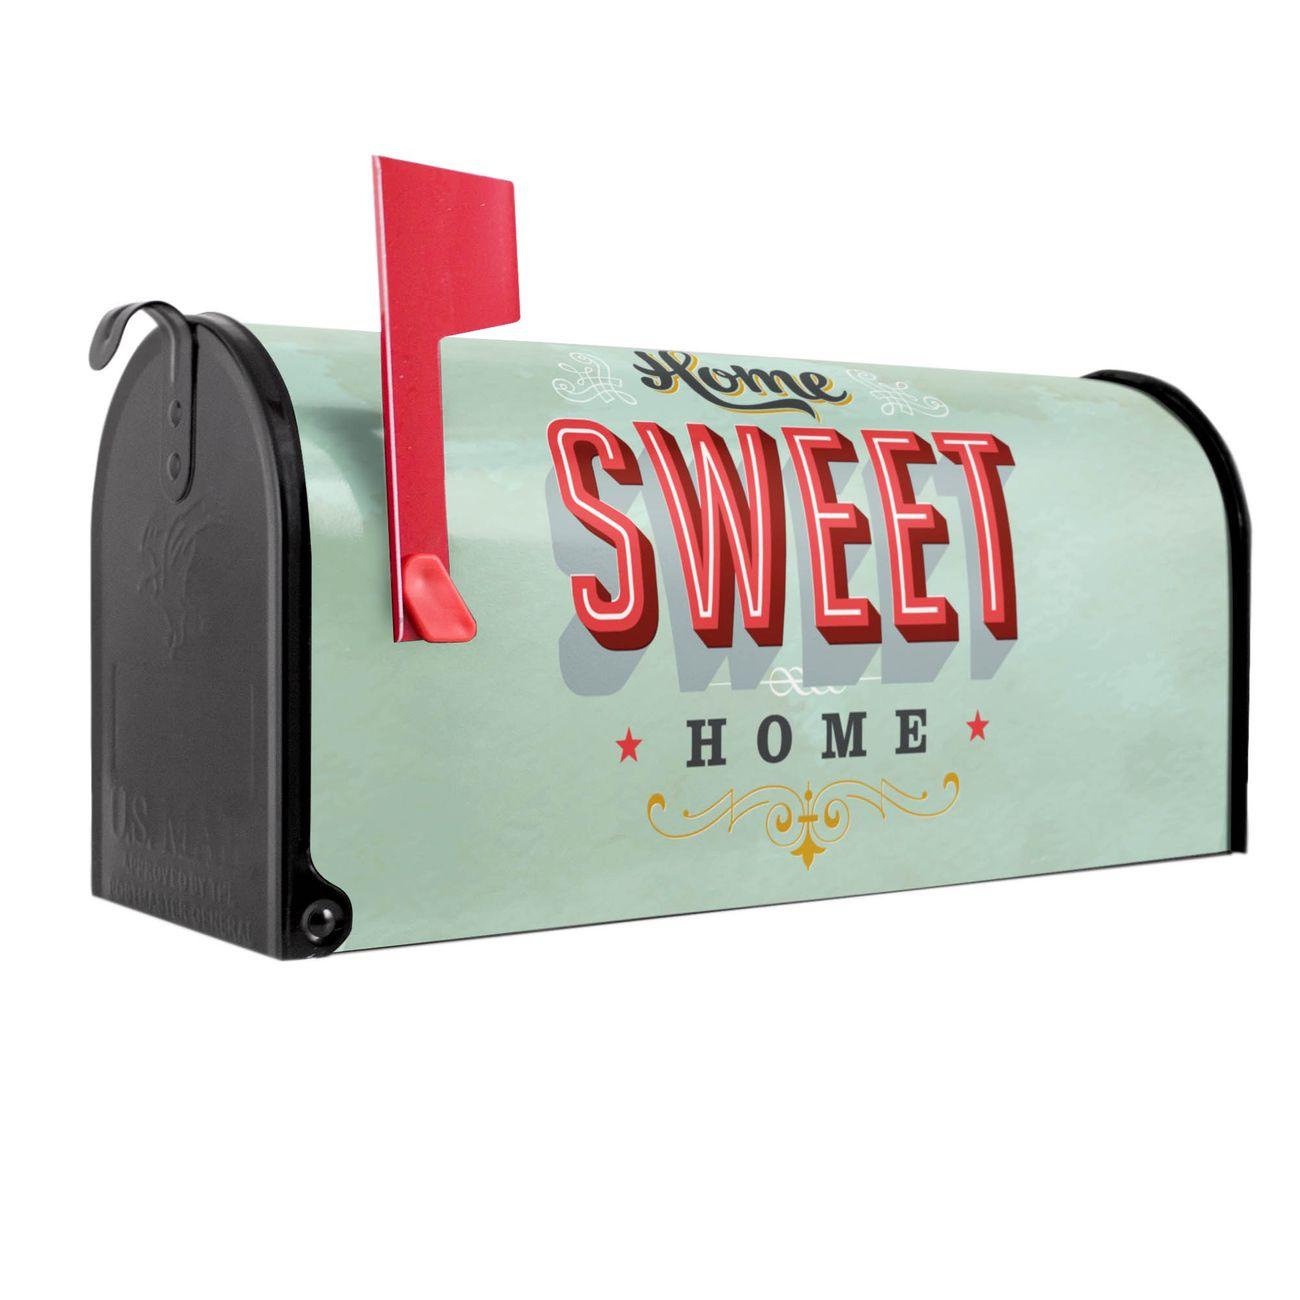 Amerikanischer Briefkasten Home Sweet Home